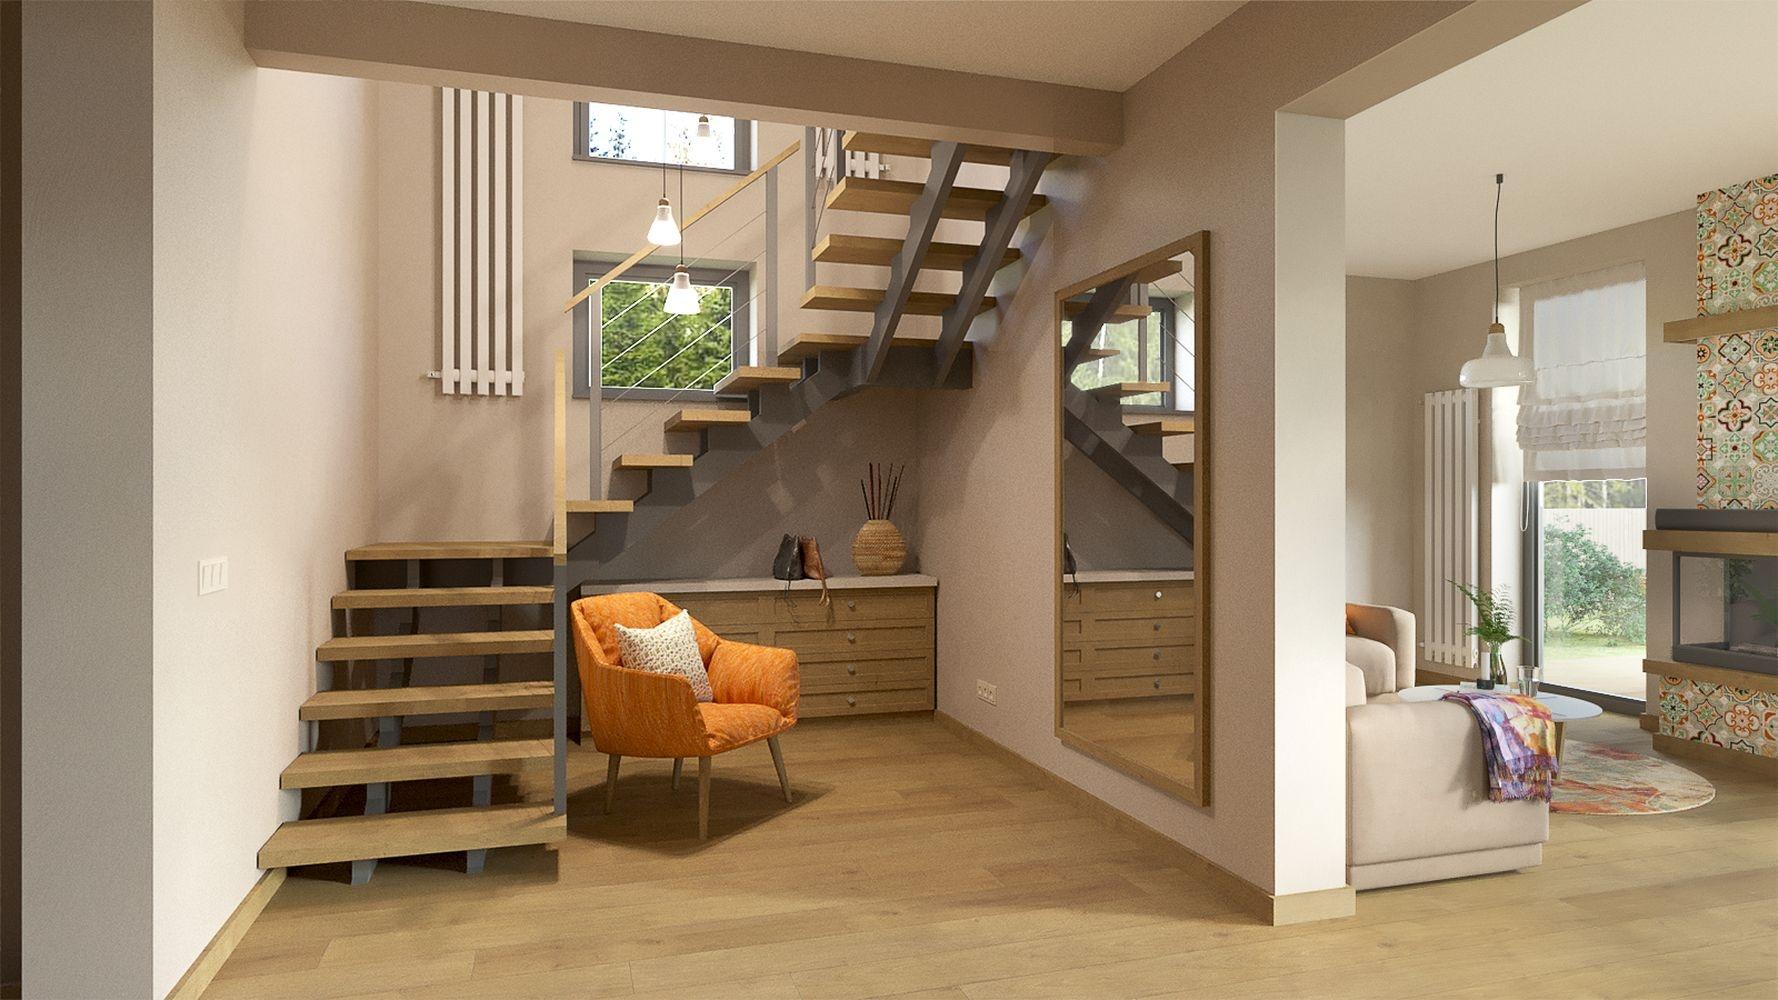 Изображение для проекта Дачный дом на берегу Волги 2021